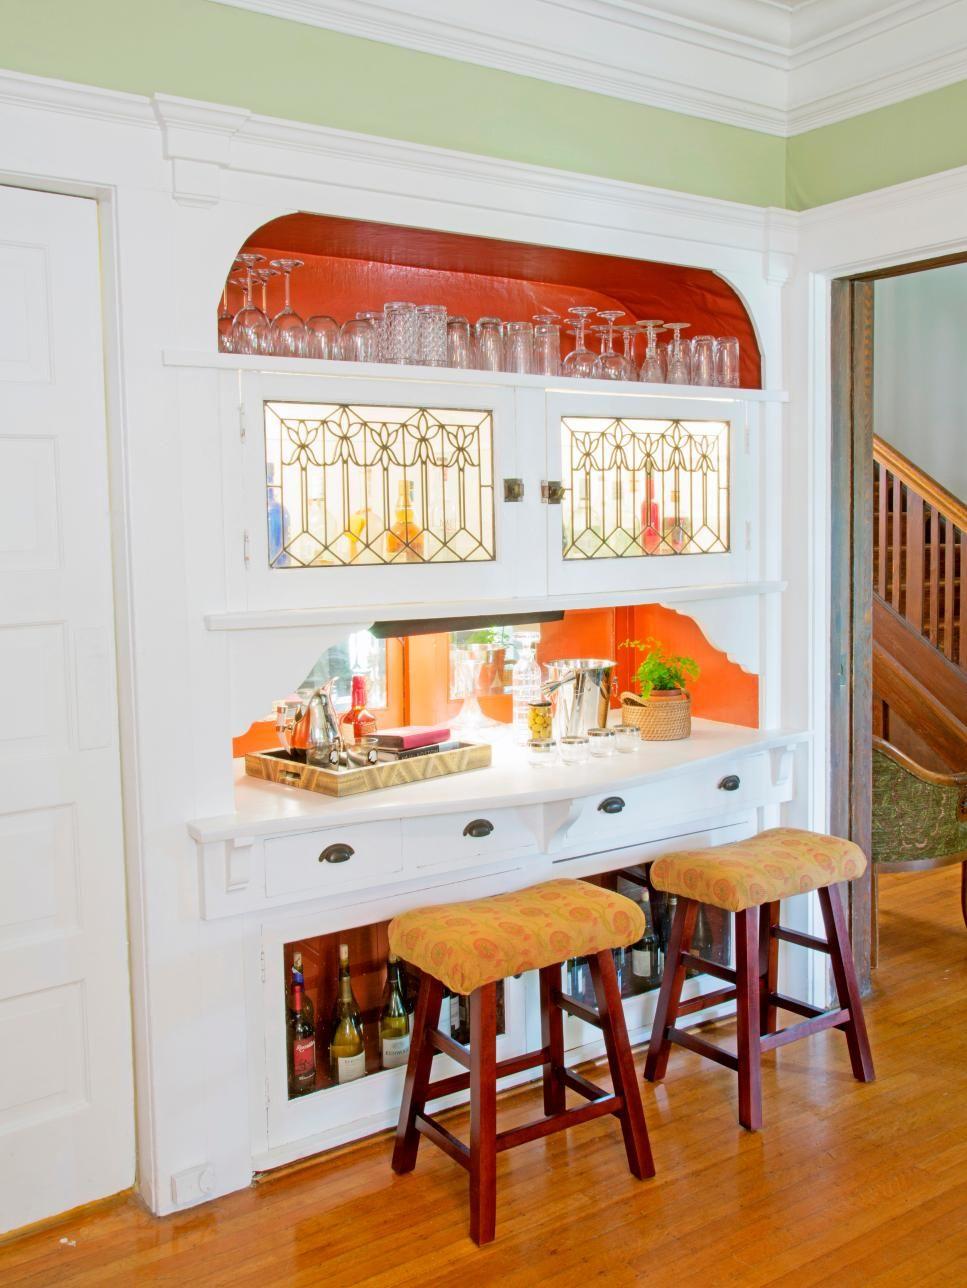 Home Bar Ideas: 89 Design Options | Pinterest | Wine shelves, Hgtv ...